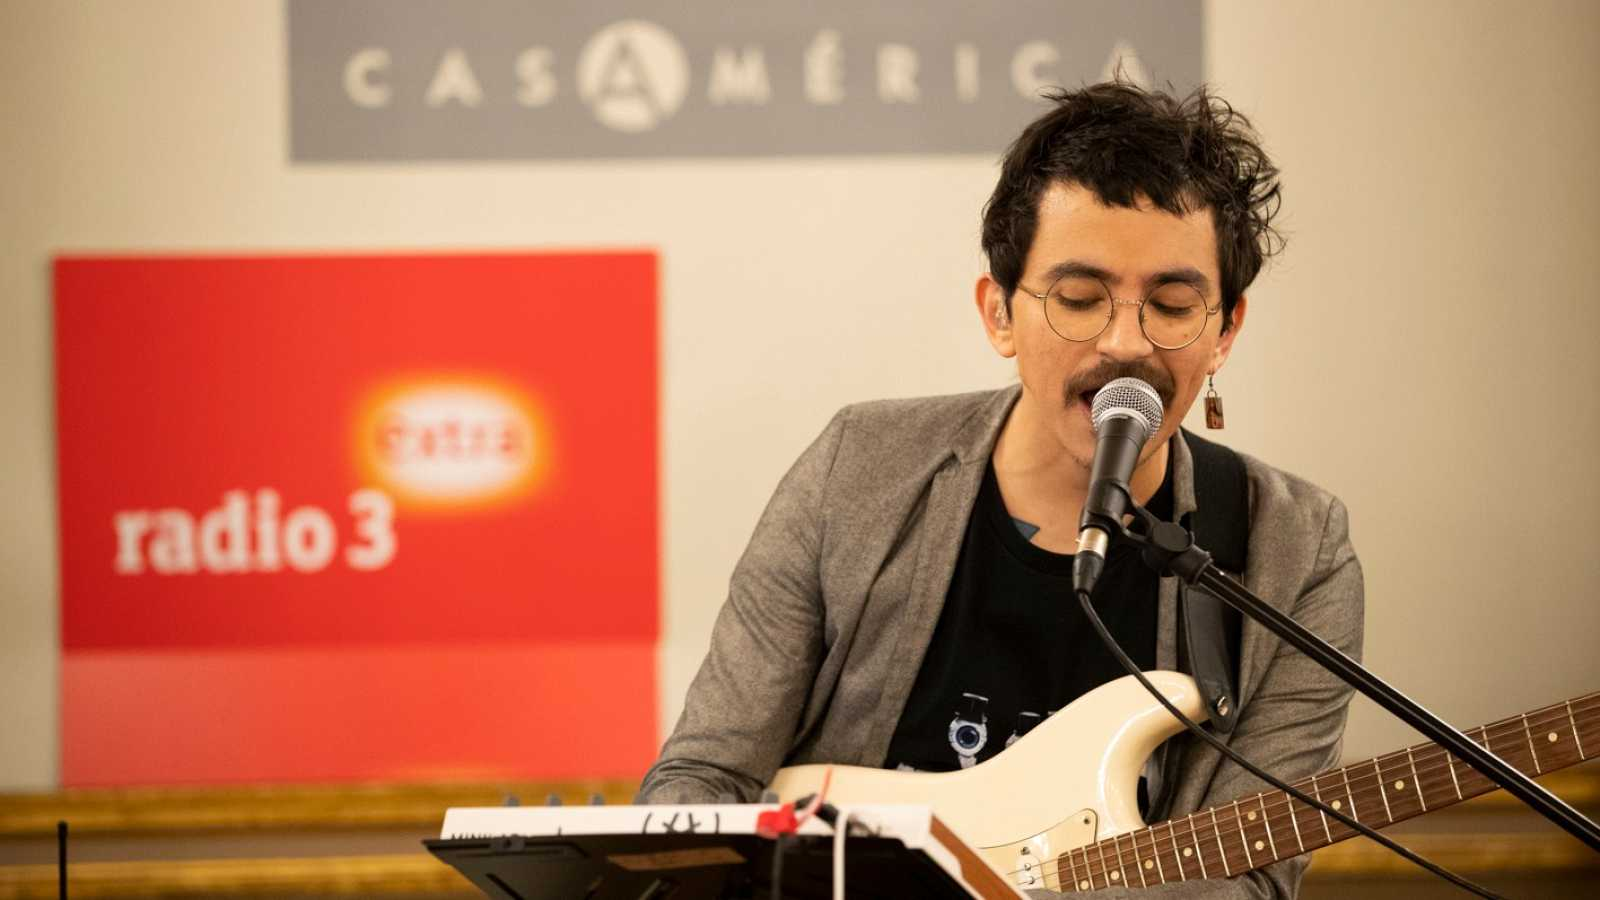 Especiales Radio 3 - VÍDEO: Julián Mayorga en directo - 30/11/20 - Ver ahora